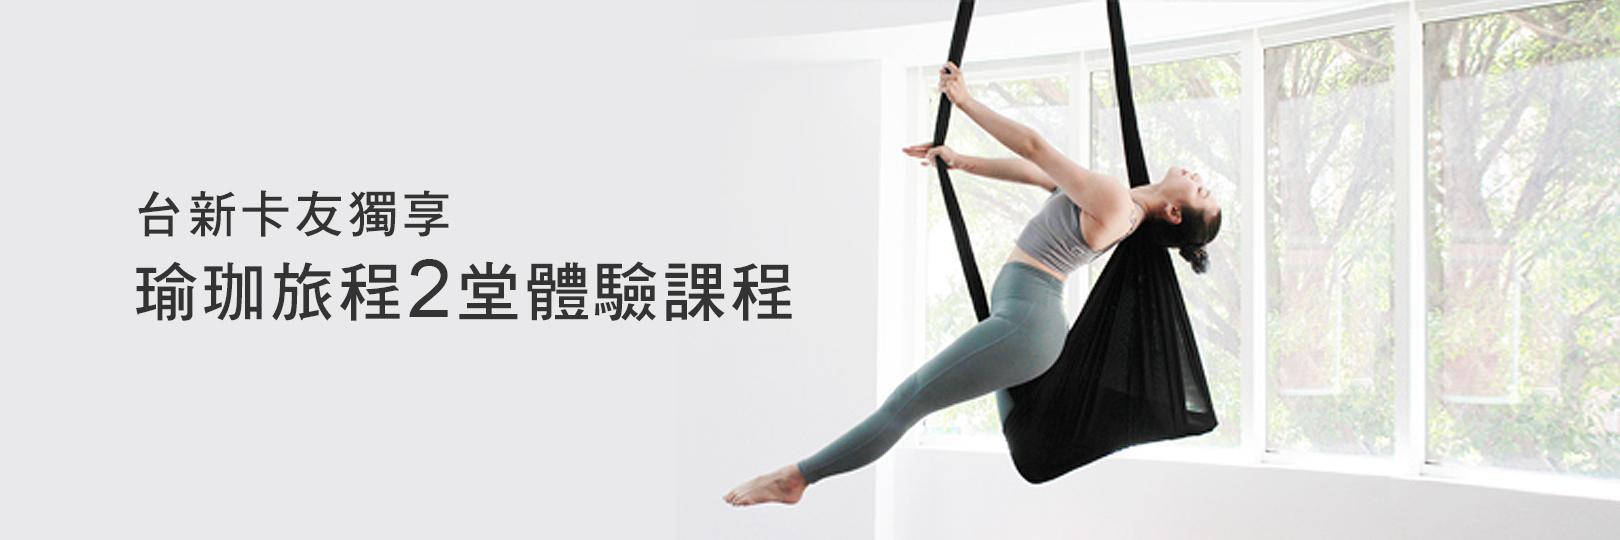 卡友尊享「瑜珈旅程」市價NT$2,000課程!